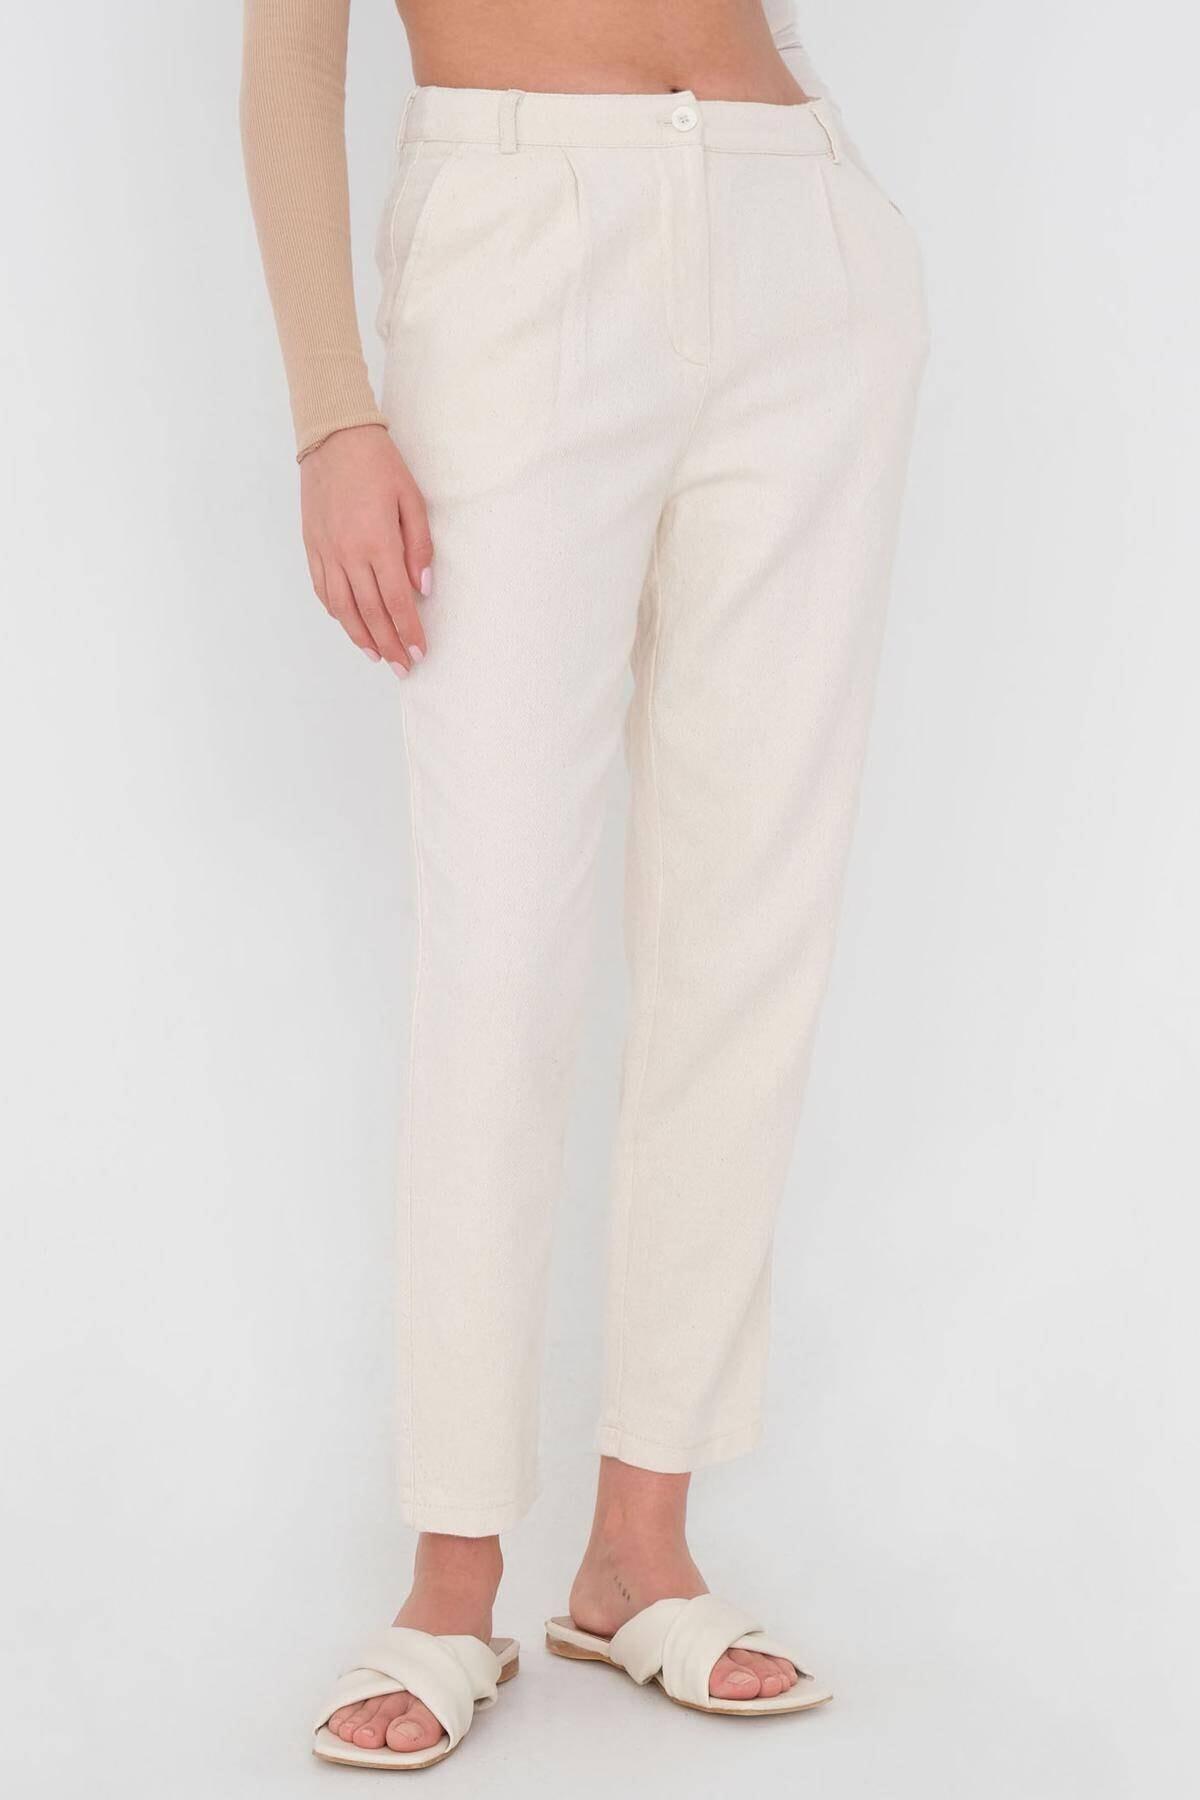 Addax Kadın Taş Cep Detaylı Pantolon Pn03-0045 - K12 Adx-0000024274